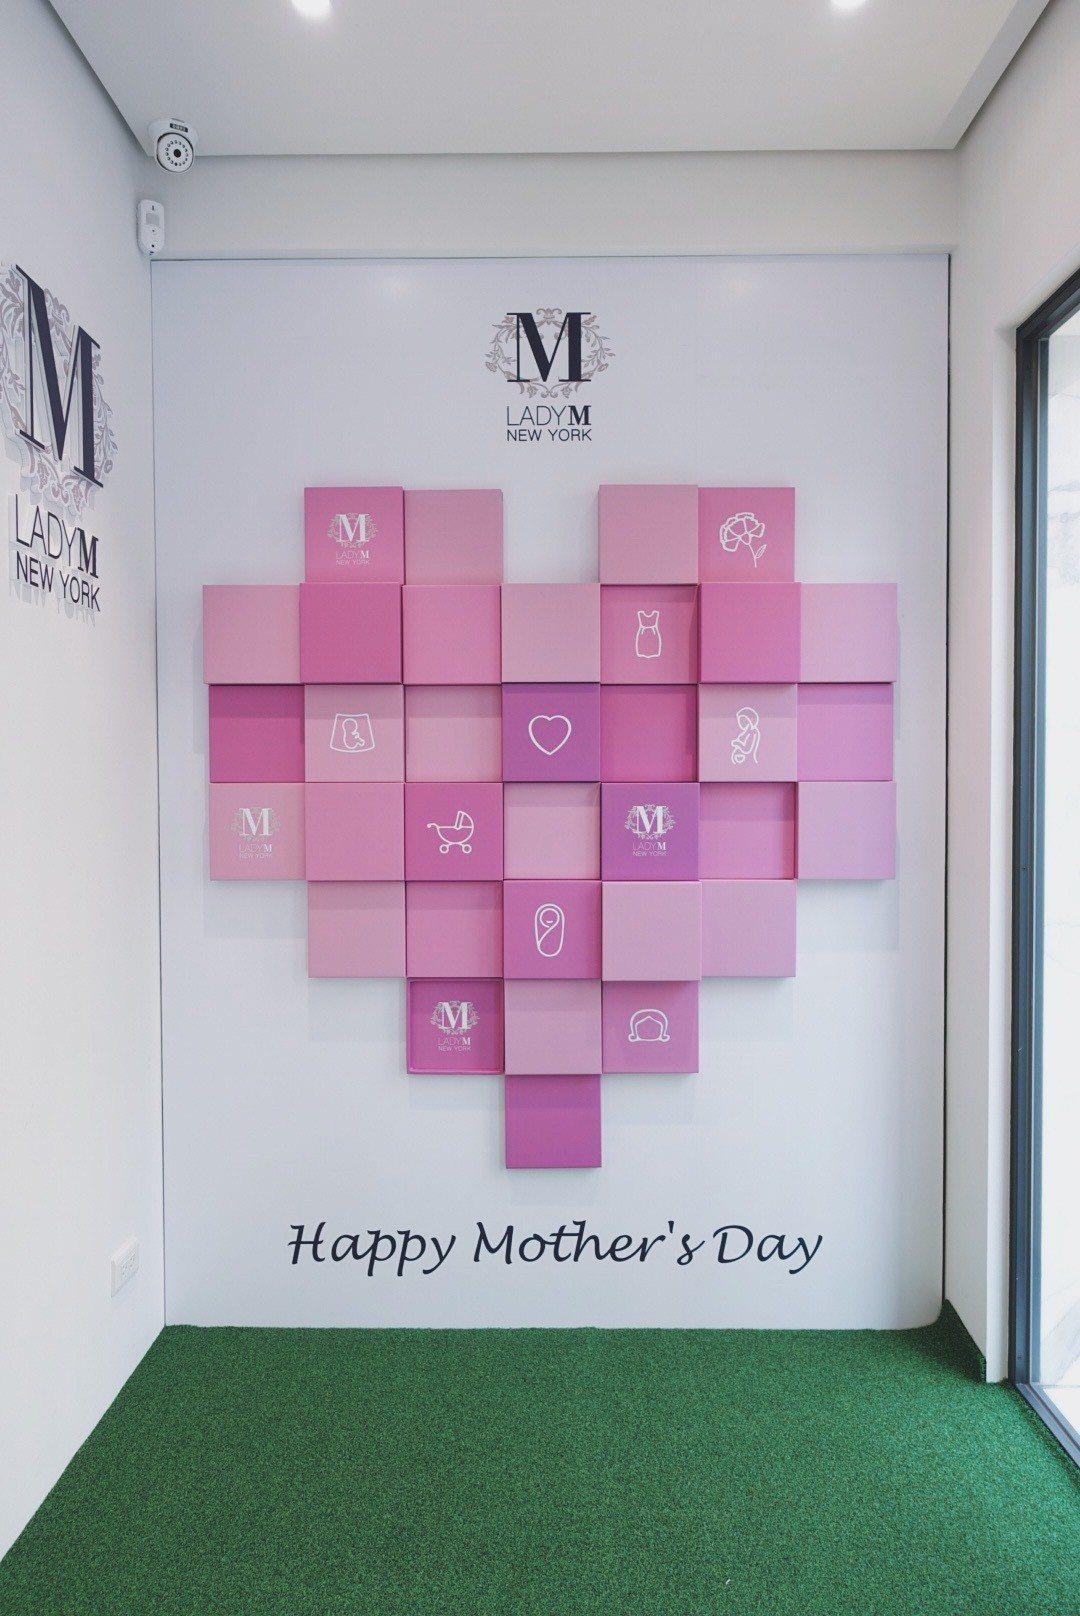 因應母親節,Lady M旗艦店設置母親節愛心區。記者沈佩臻/攝影